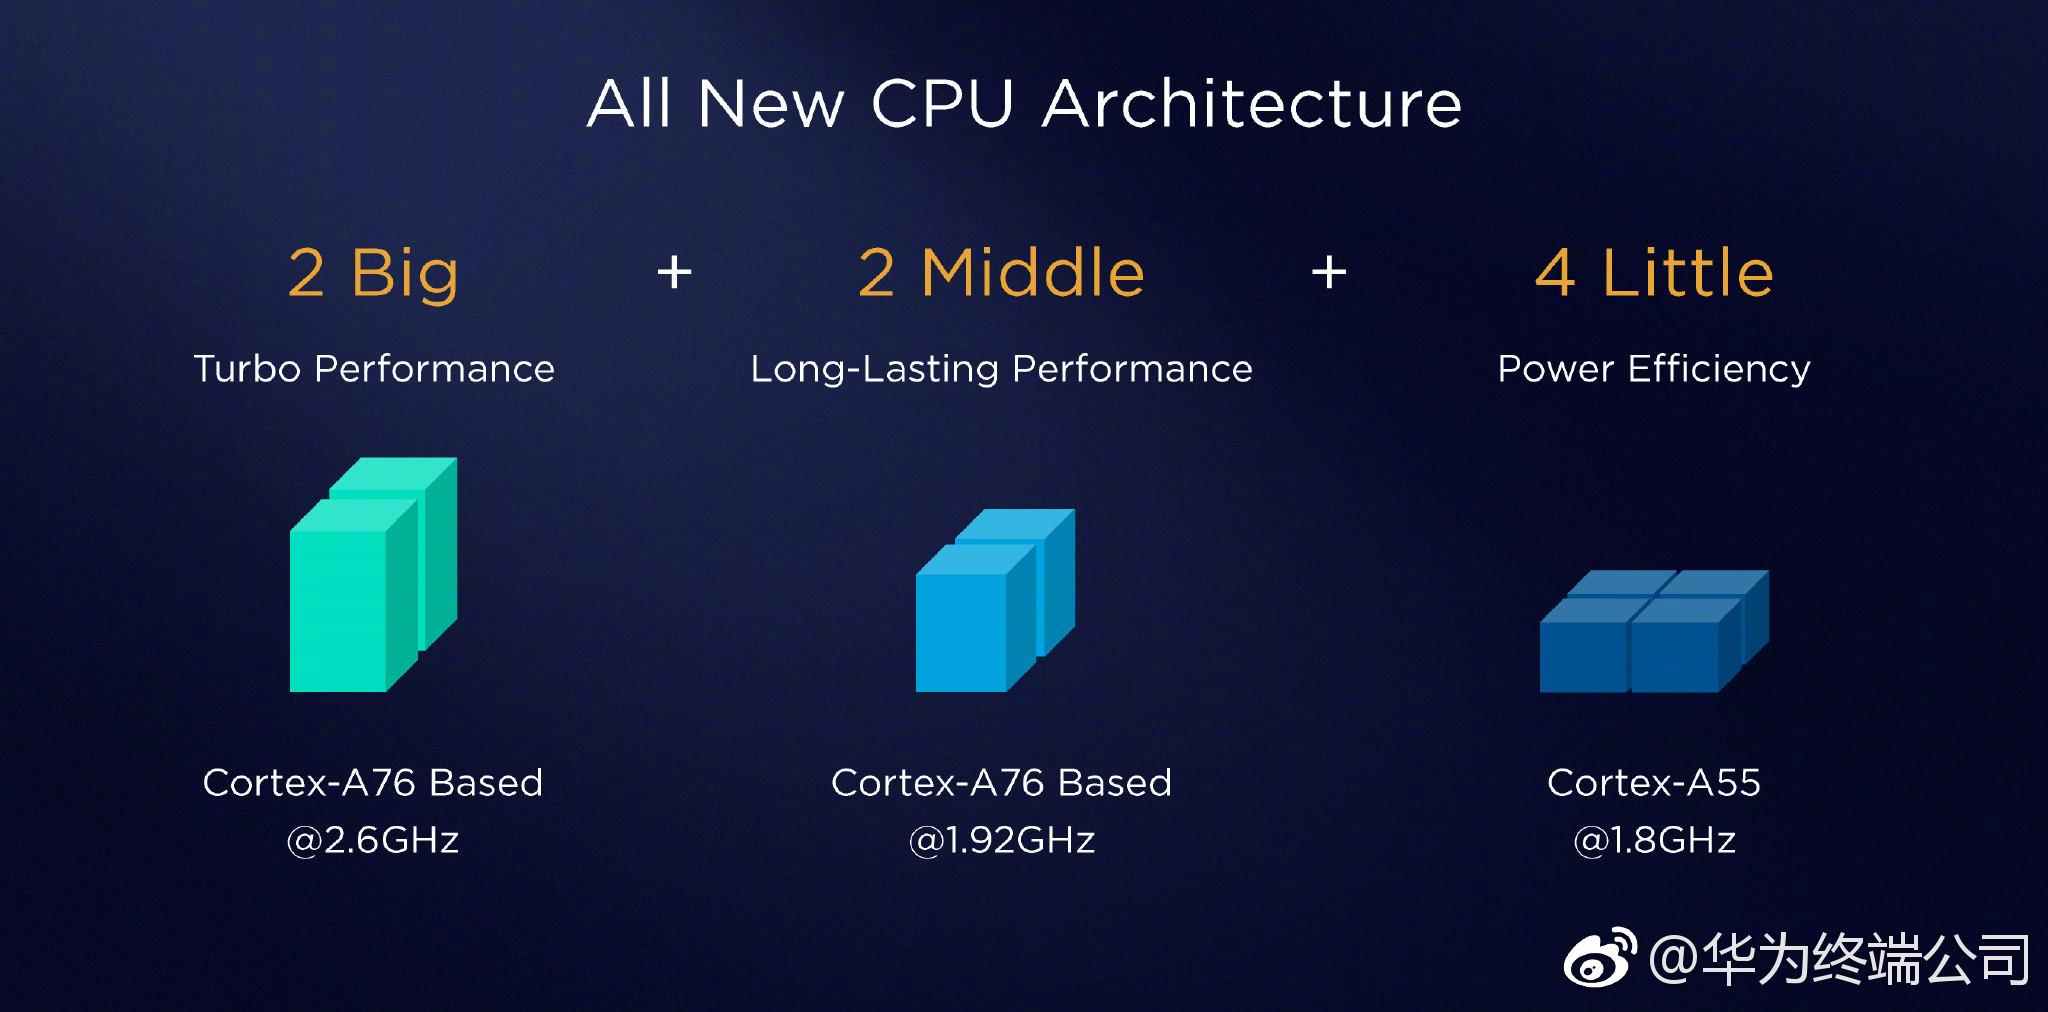 Triple Architecture: 2 mega core